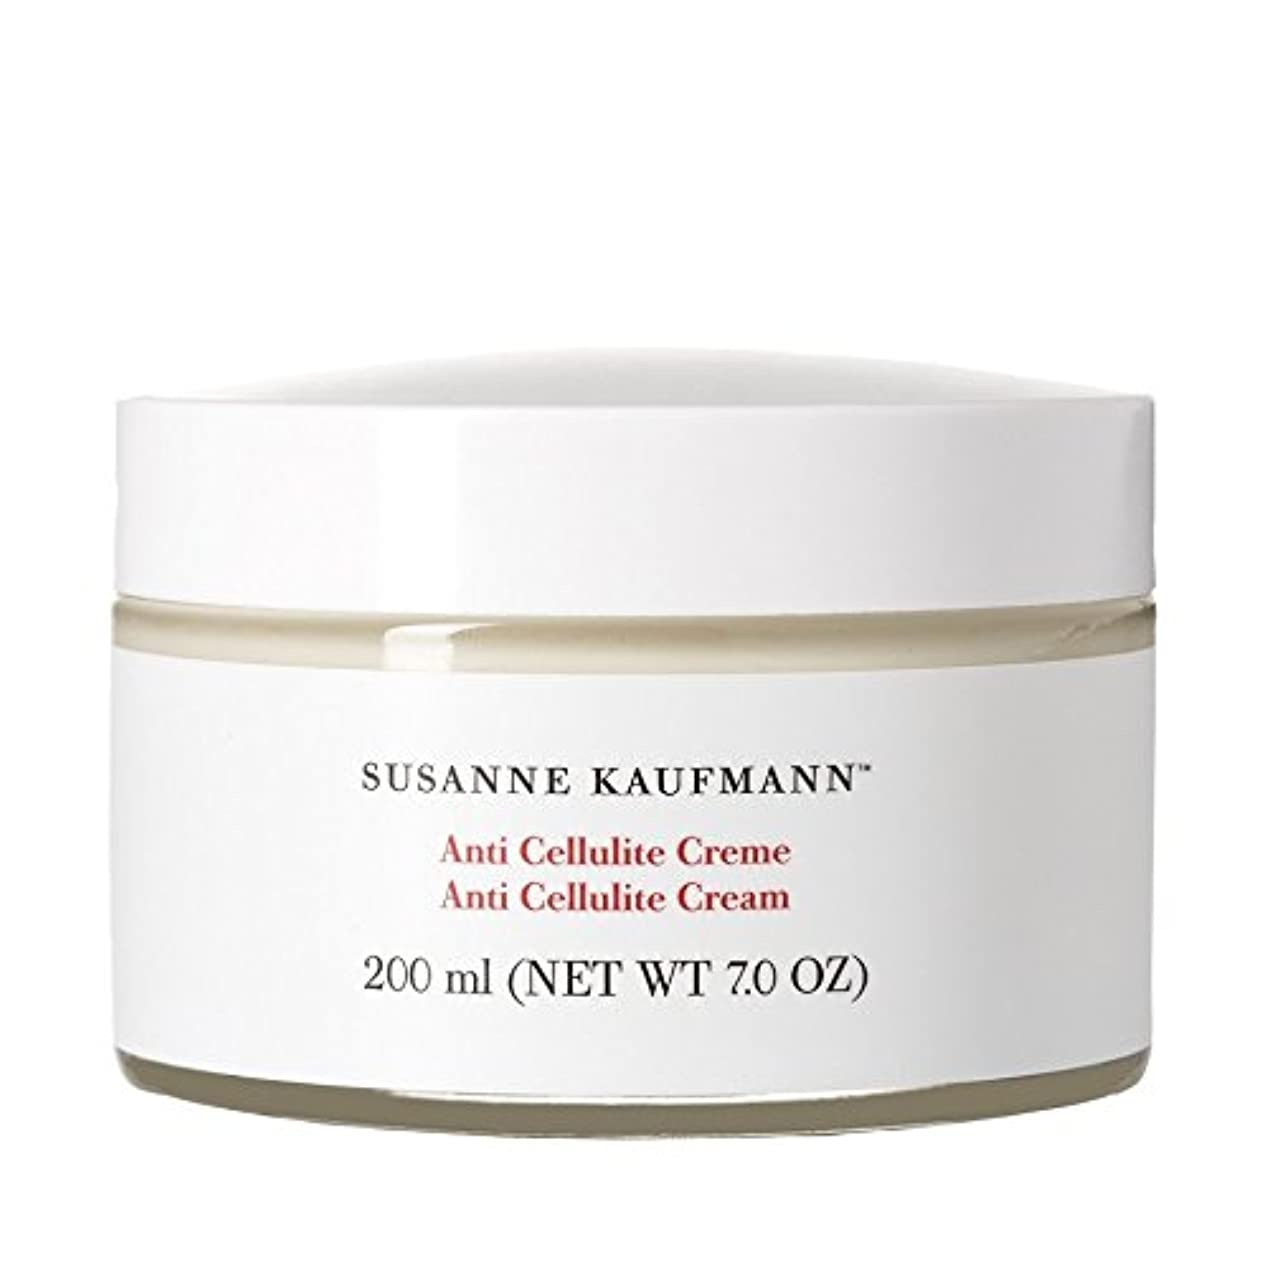 癌ケニアチャーミングスザンヌカウフマン抗セルライトクリーム200ミリリットル x4 - Susanne Kaufmann Anti Cellulite Cream 200ml (Pack of 4) [並行輸入品]